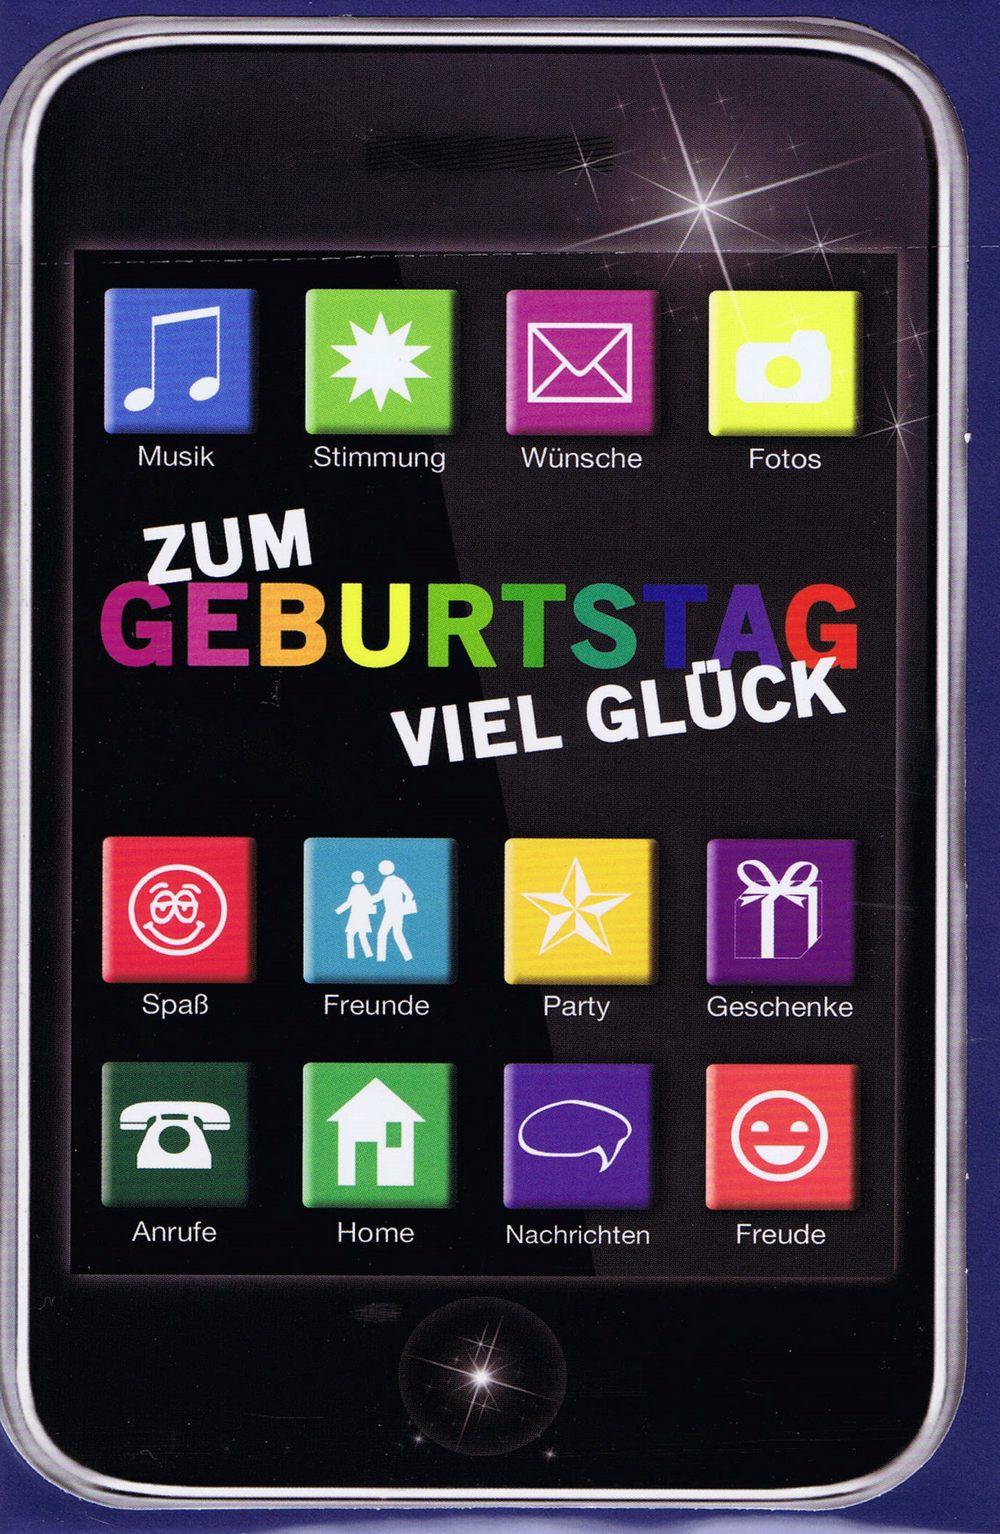 Geburtstagskarte Motiv: Smartphone mit Apps